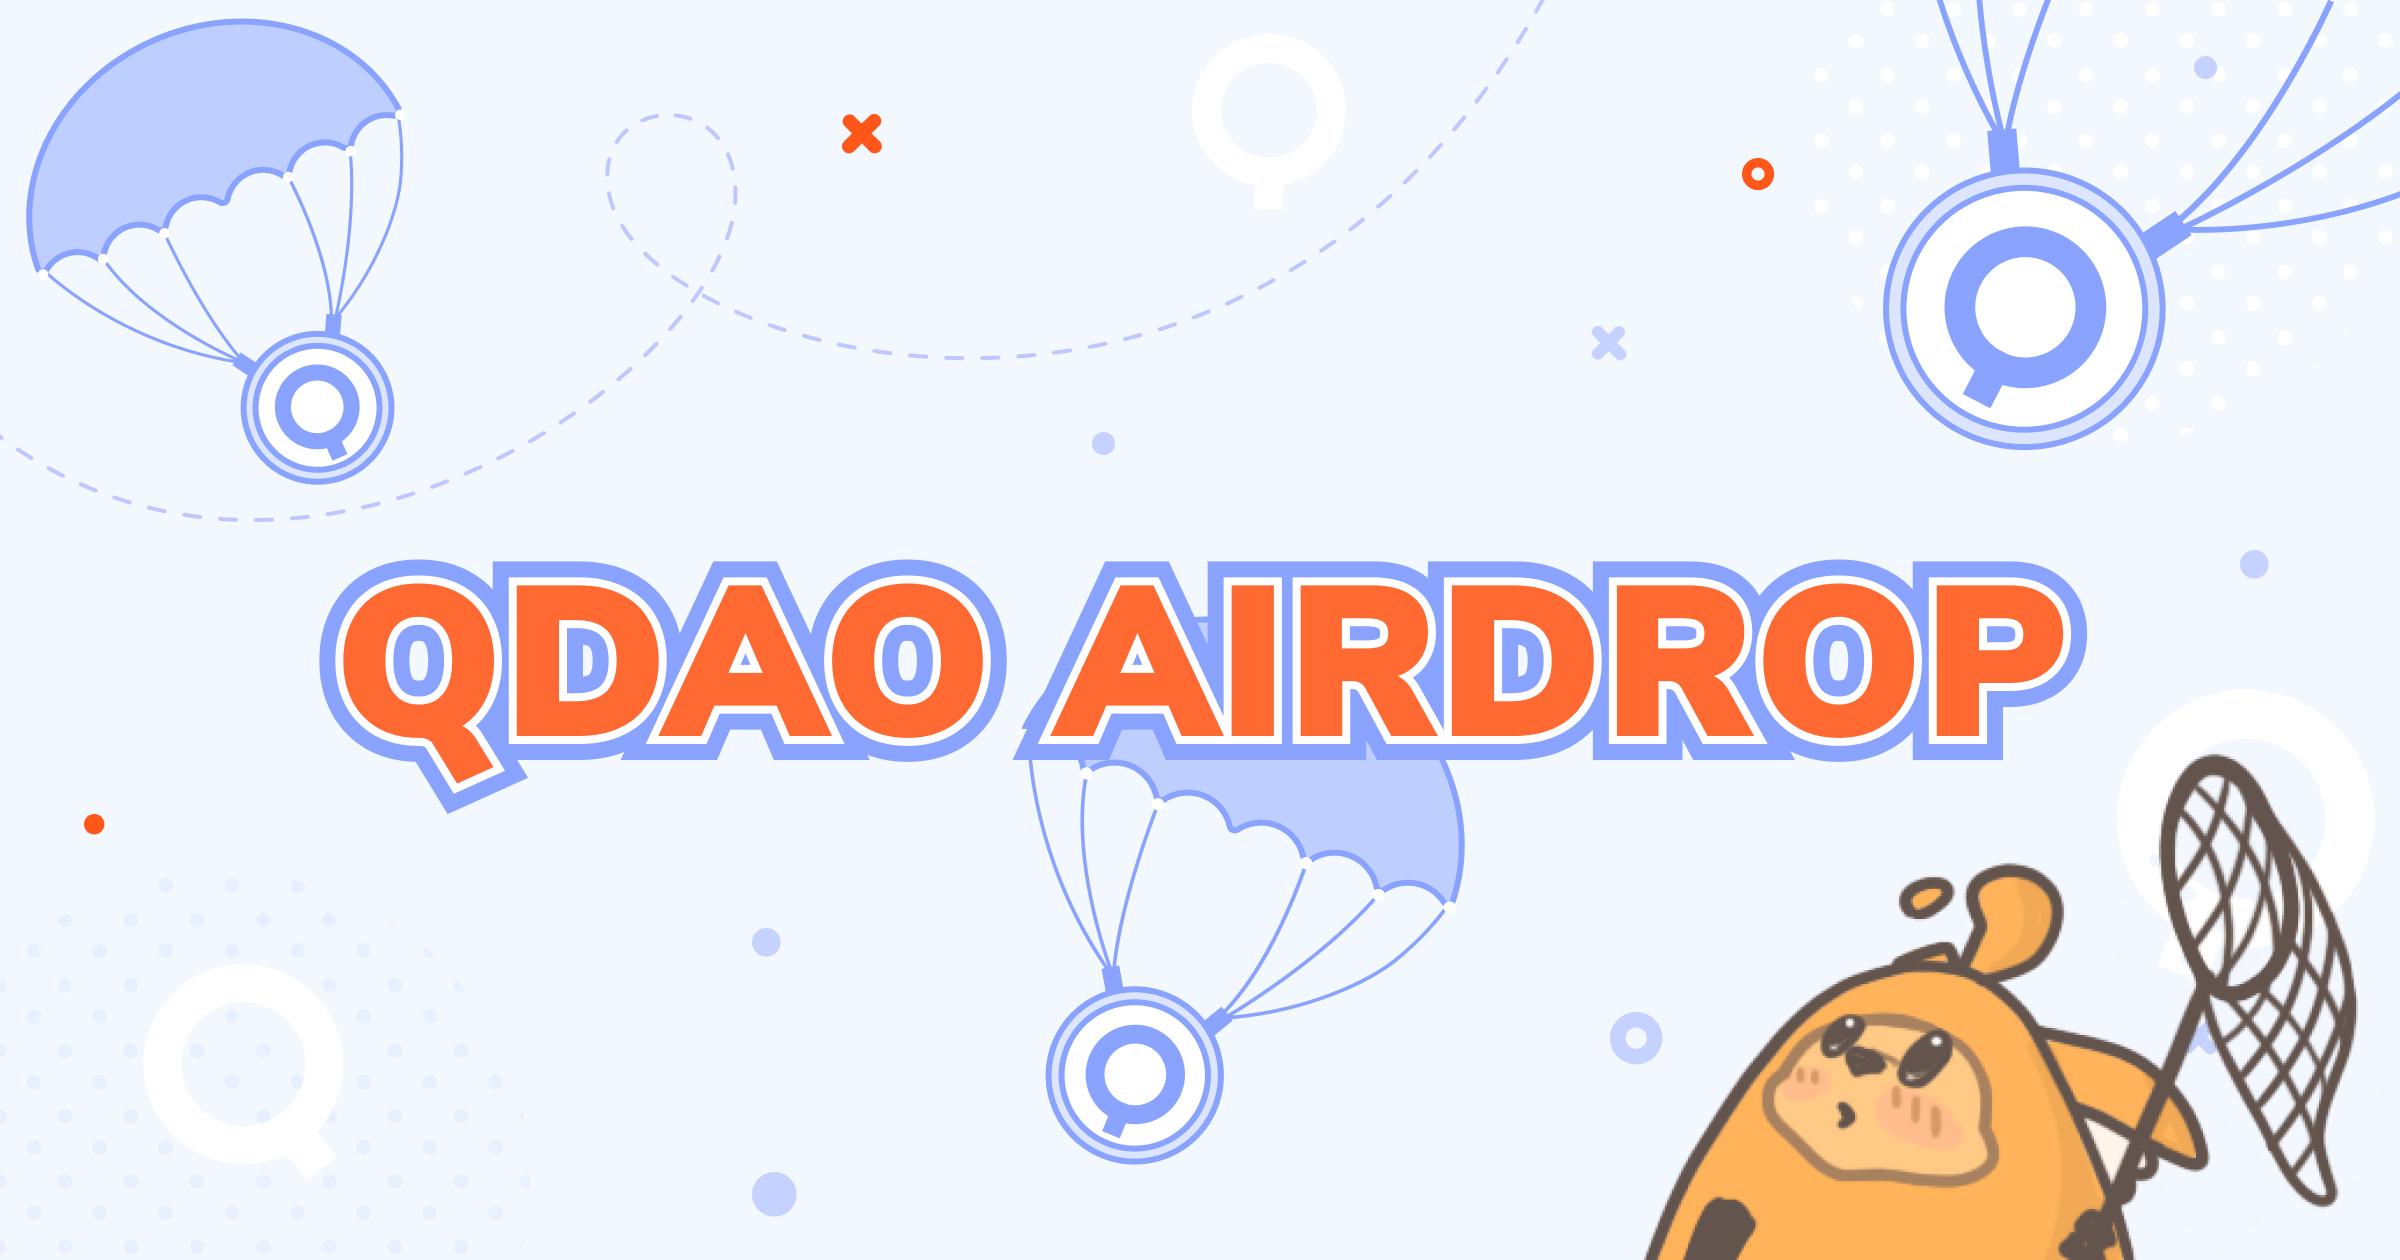 QDAO Airdrop